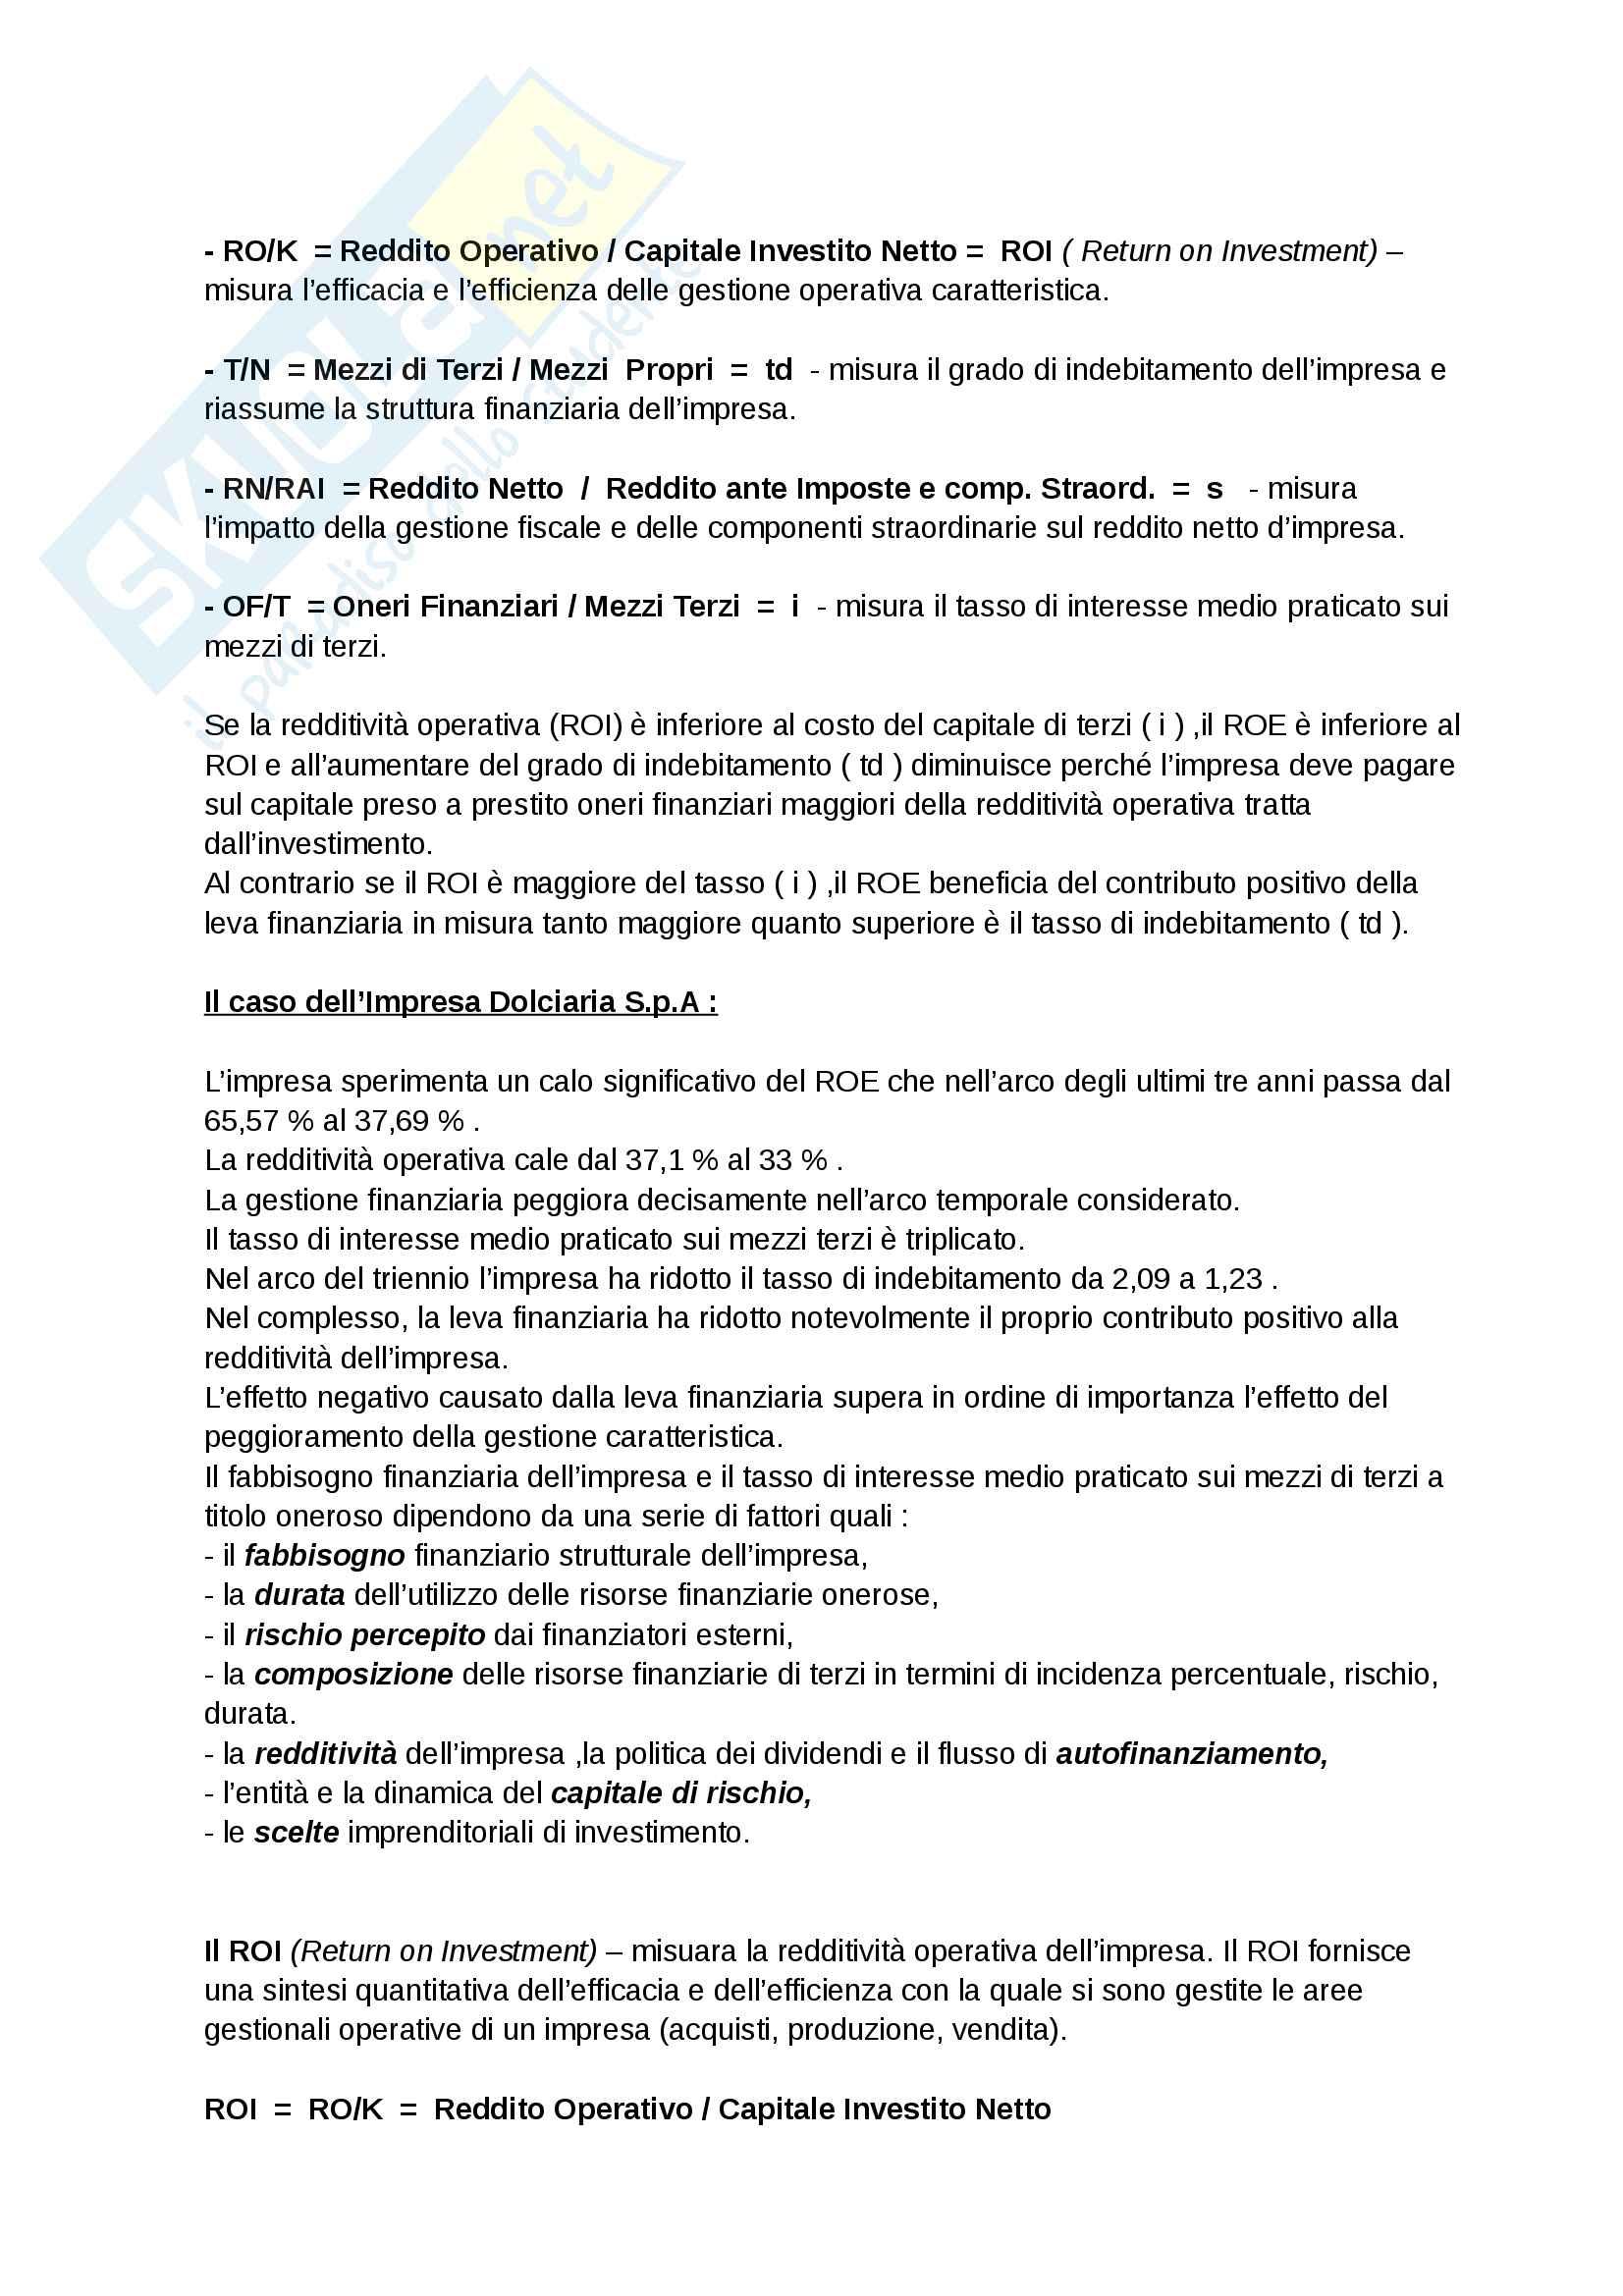 Riassunto esame di Economia e Gestione delle Imprese, prof. R. Moliterni. Libro consigliato Economia e Gestione delle Imprese Pag. 41